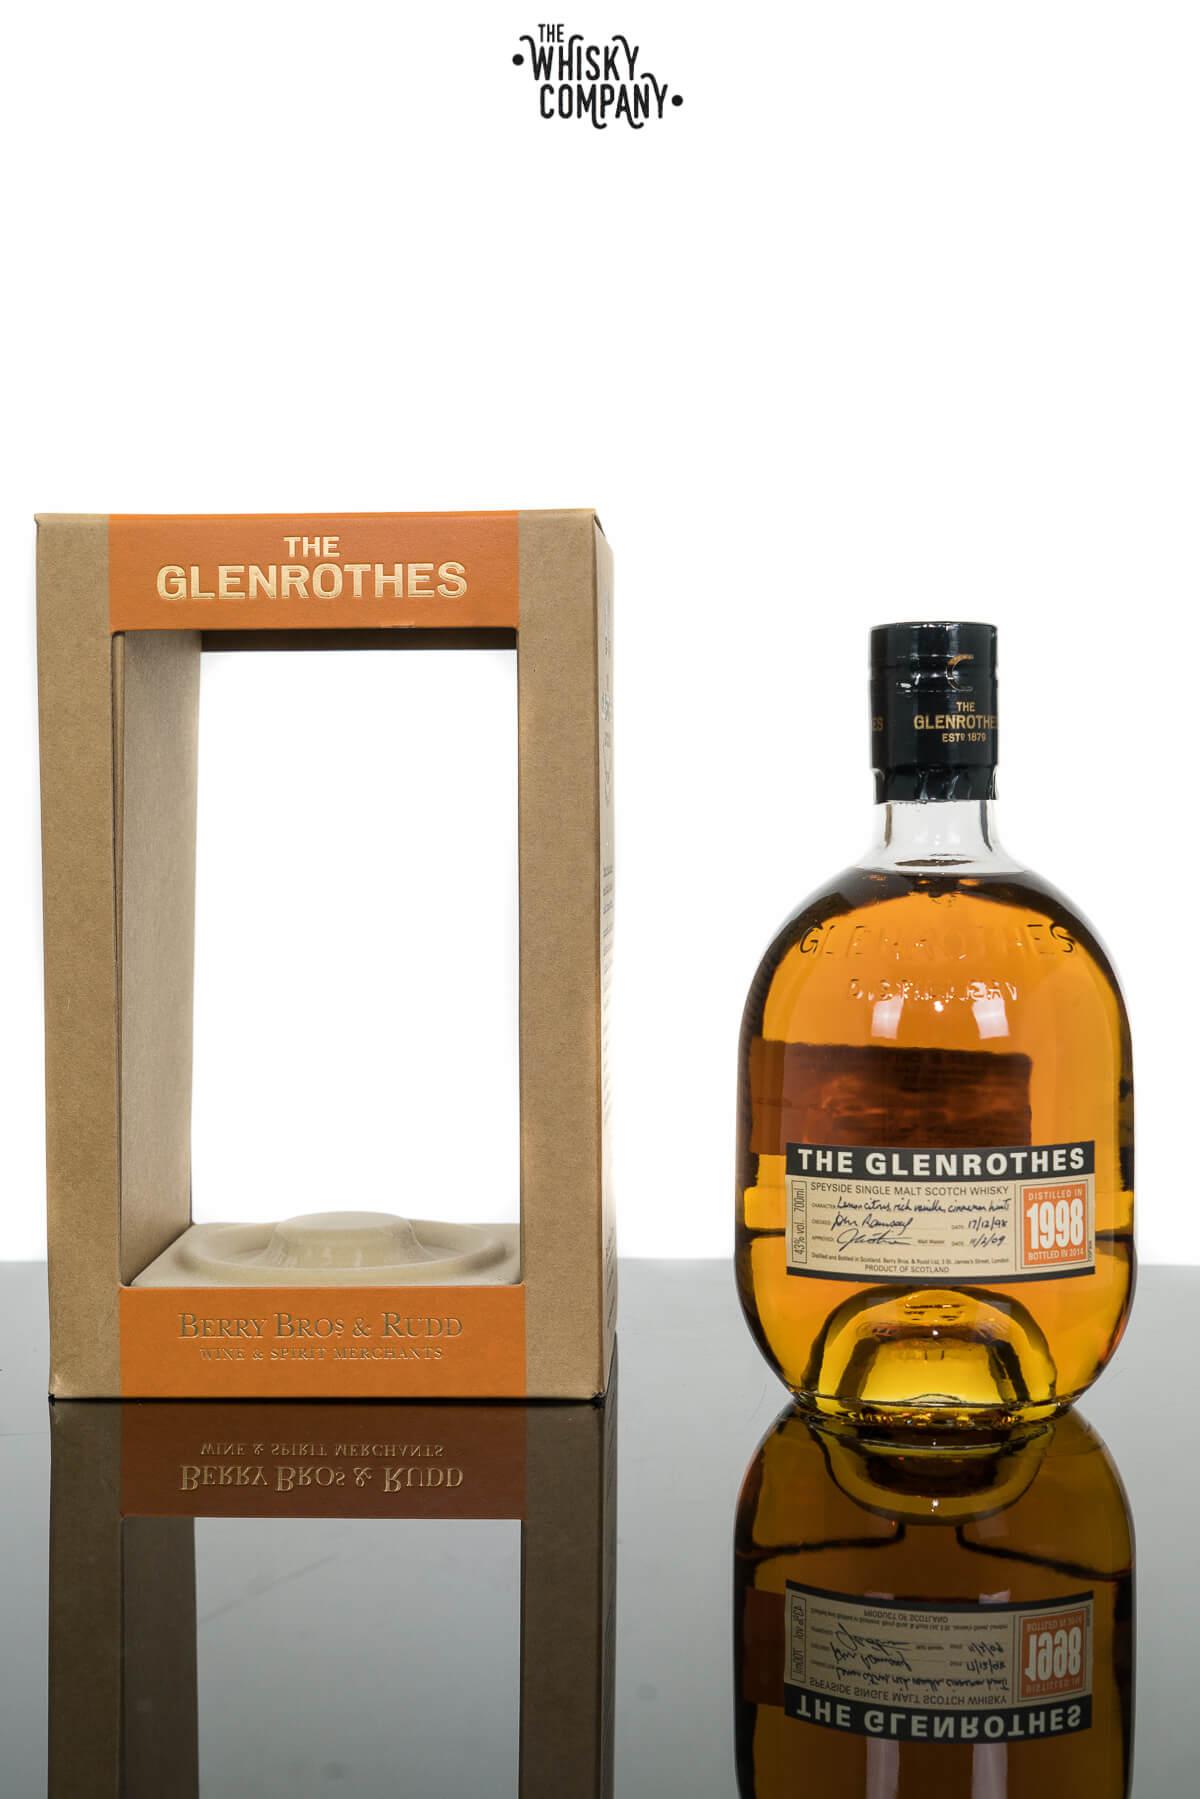 Glenrothes 1998 Vintage Speyside Single Malt Scotch Whisky (700ml)